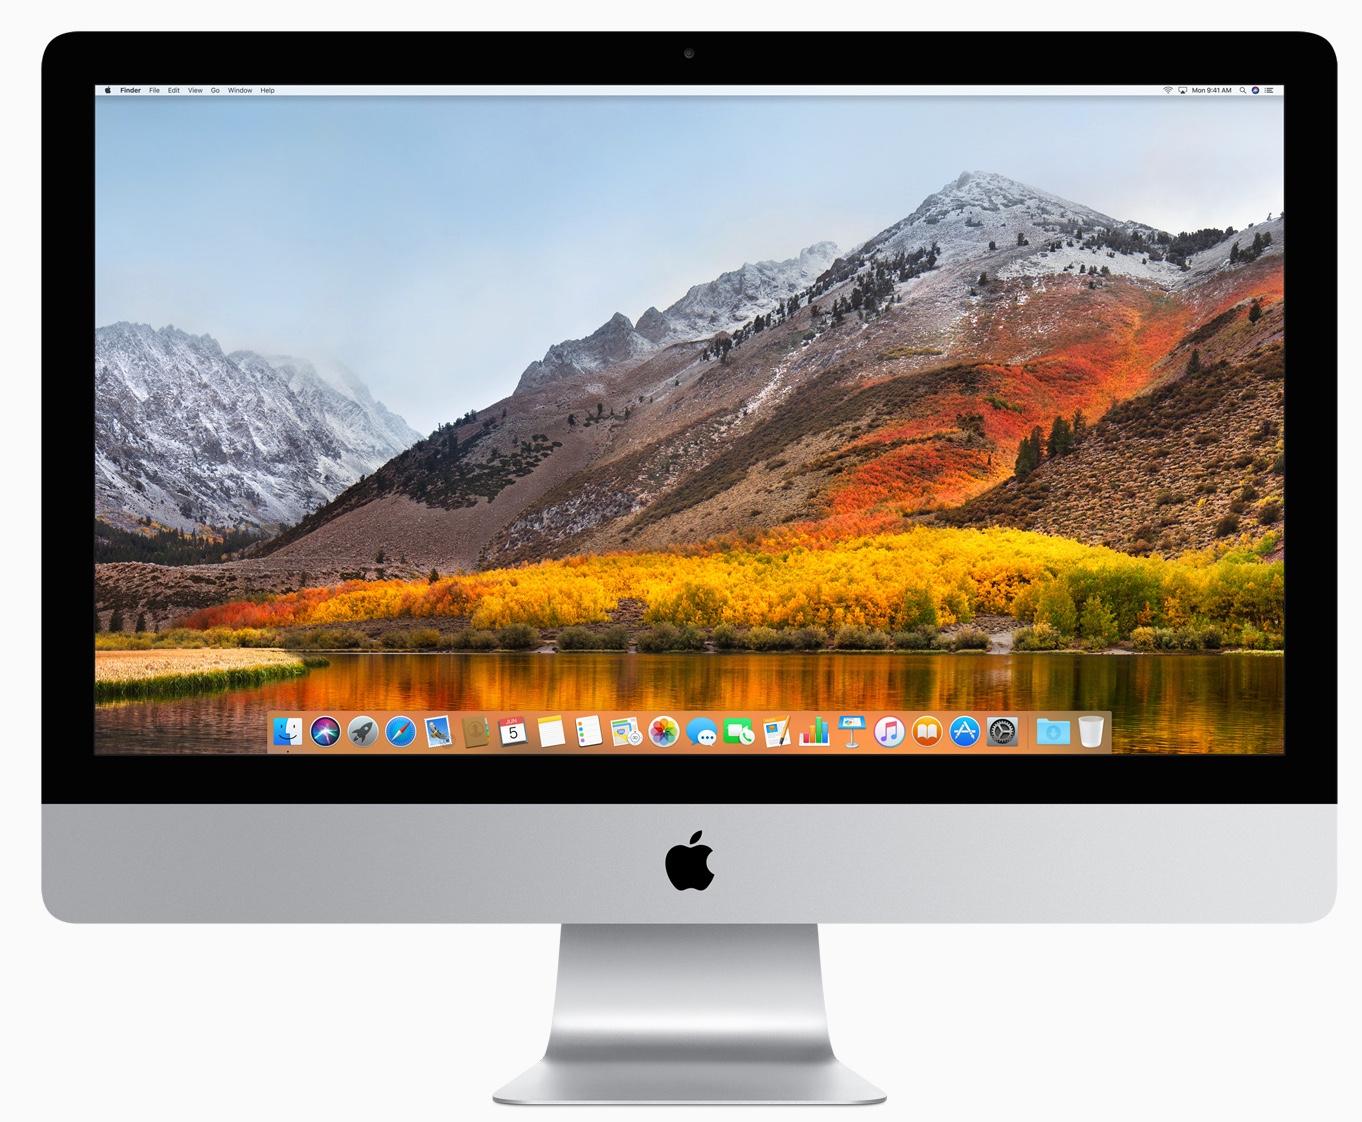 Apple releases macOS High Sierra 10.13.5